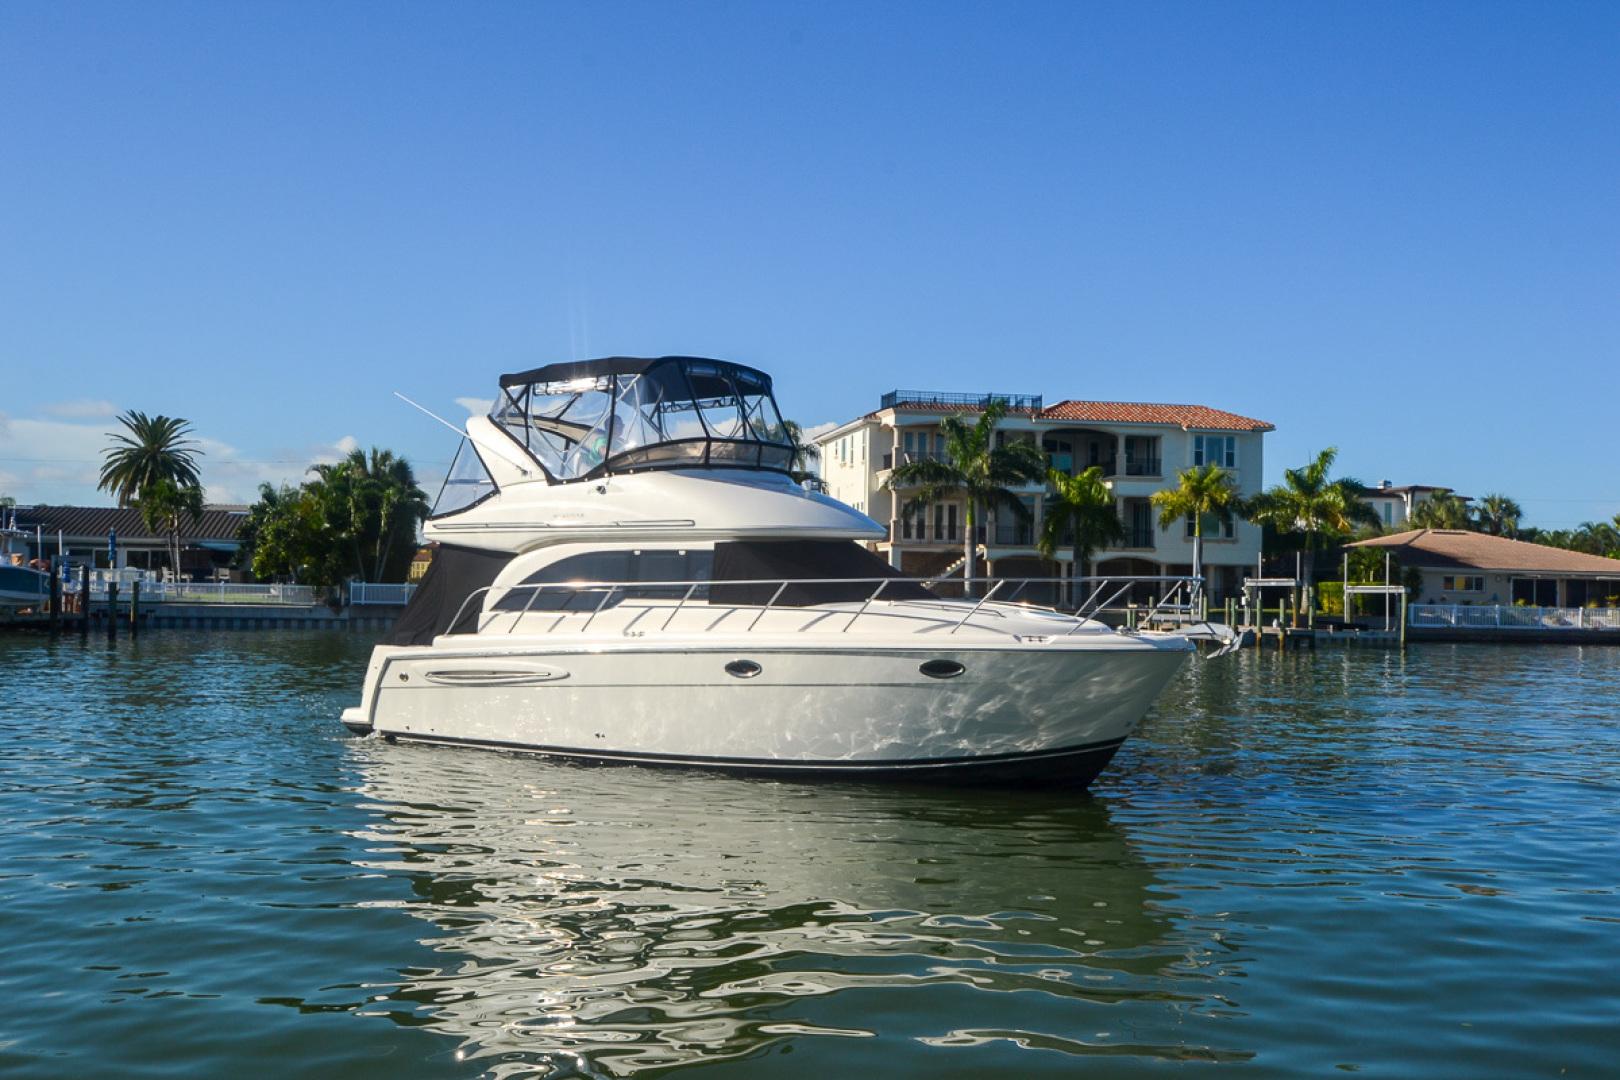 Meridian-341 Sedan 2004-Sea Harmony Belleair Beach-Florida-United States-1496600 | Thumbnail